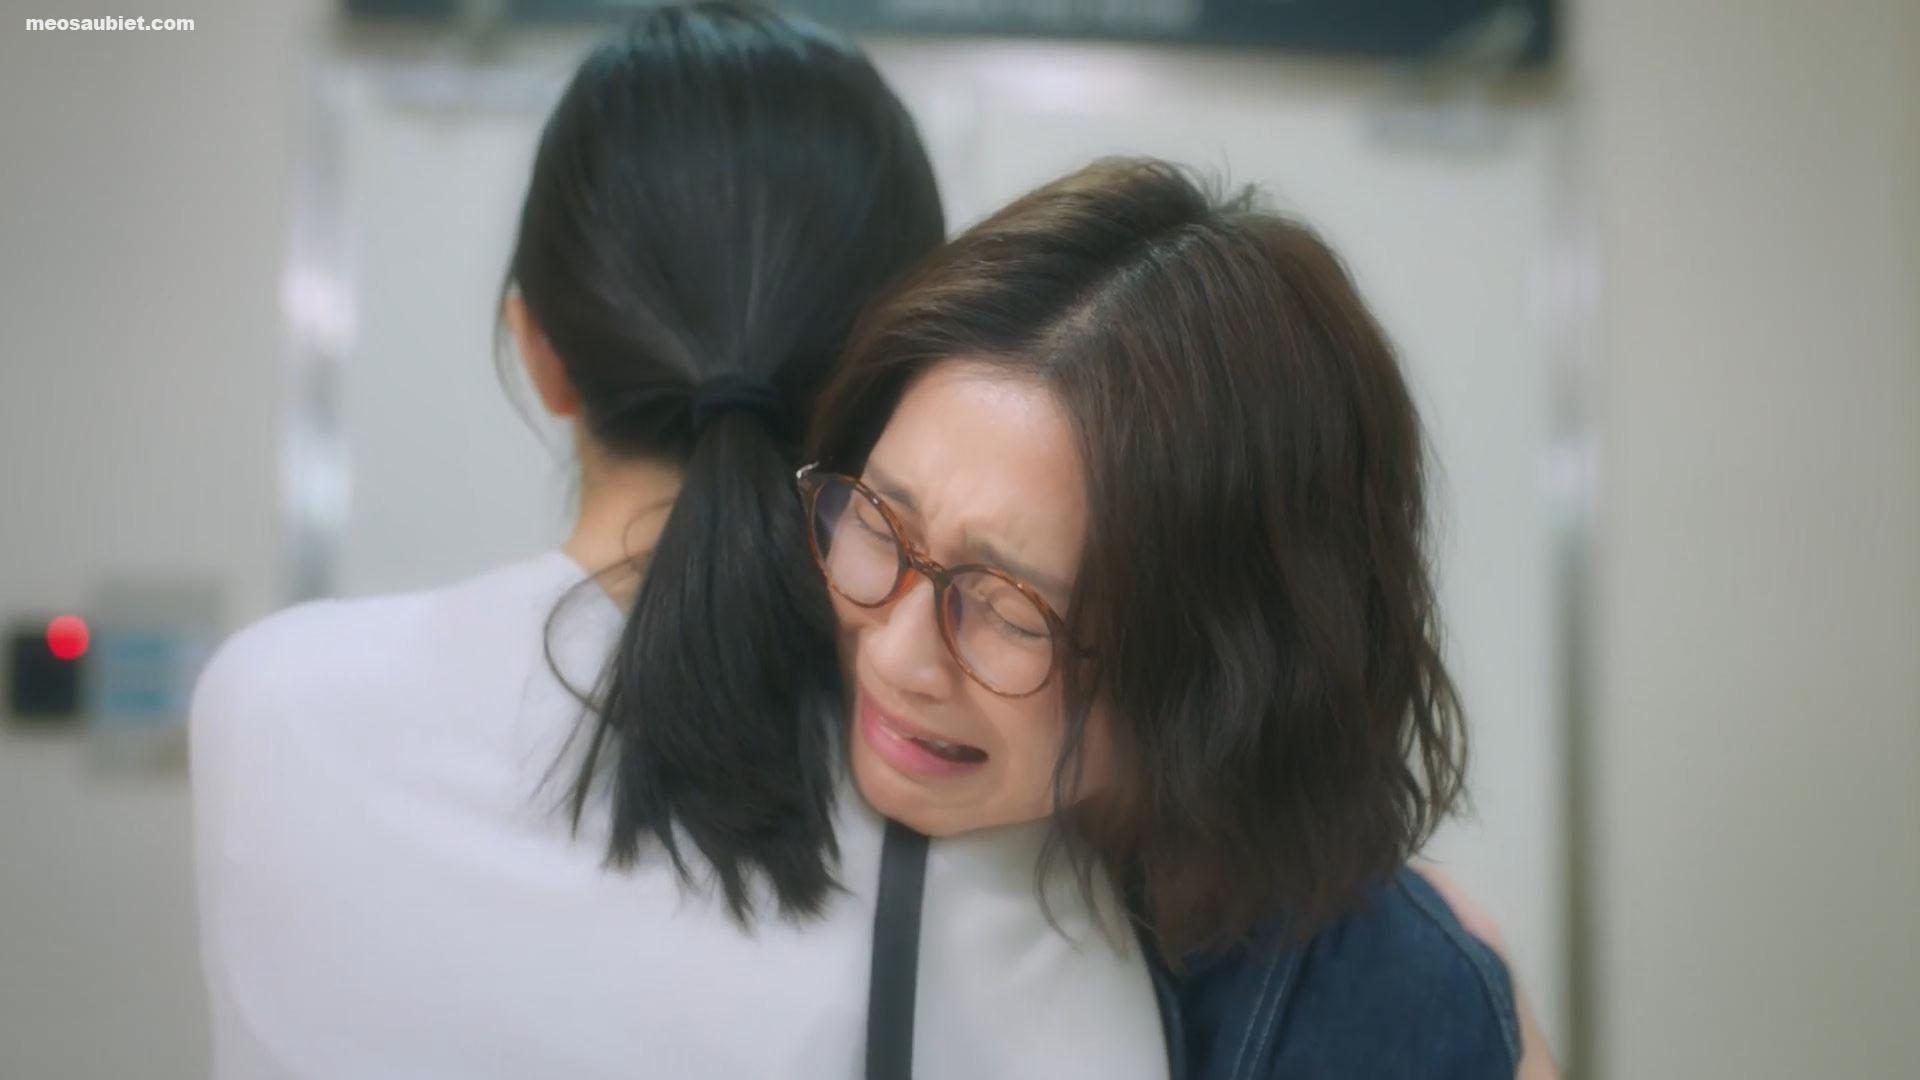 Hóa ra anh vẫn ở đây 2019 Tô Thanh trong vai Mạc Úc Hoa